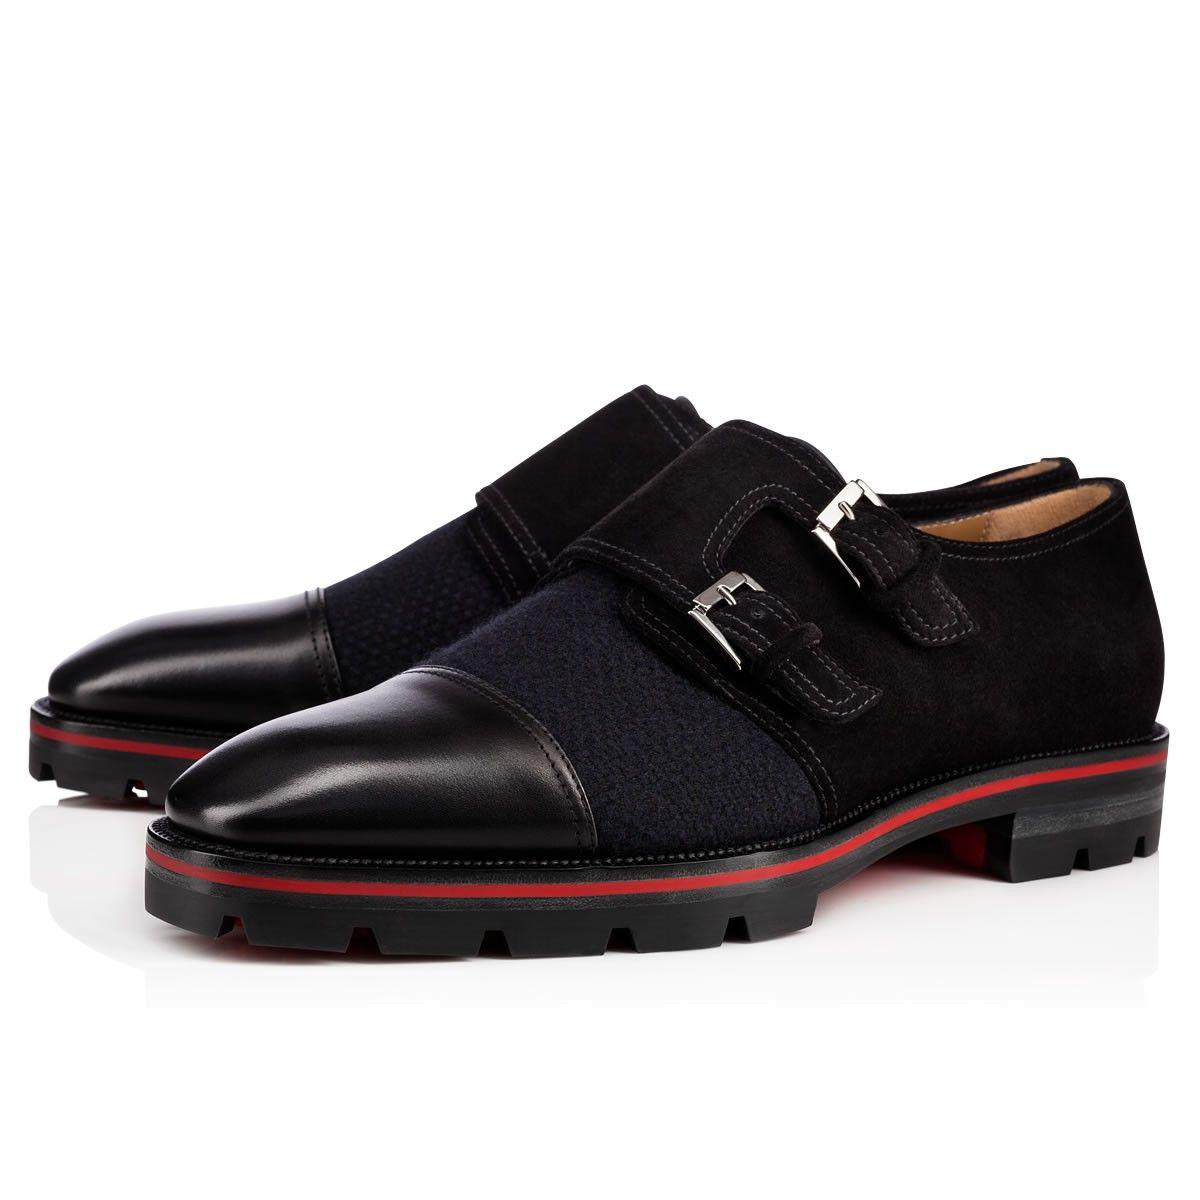 2018 moda yeni erkekler elbise ayakkabı siyah deri loafer'lar resmi ayakkabı erkekler iş ayakkabıları kırmızı taban